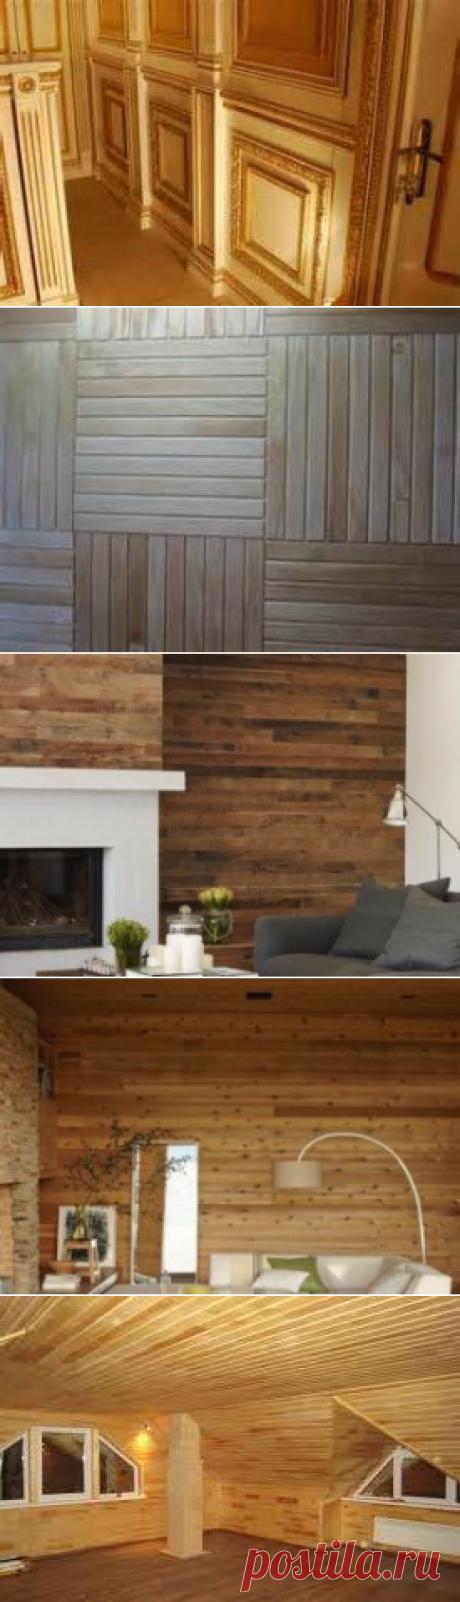 Варианты отделки внутренних стен деревом, виды материала, свойства